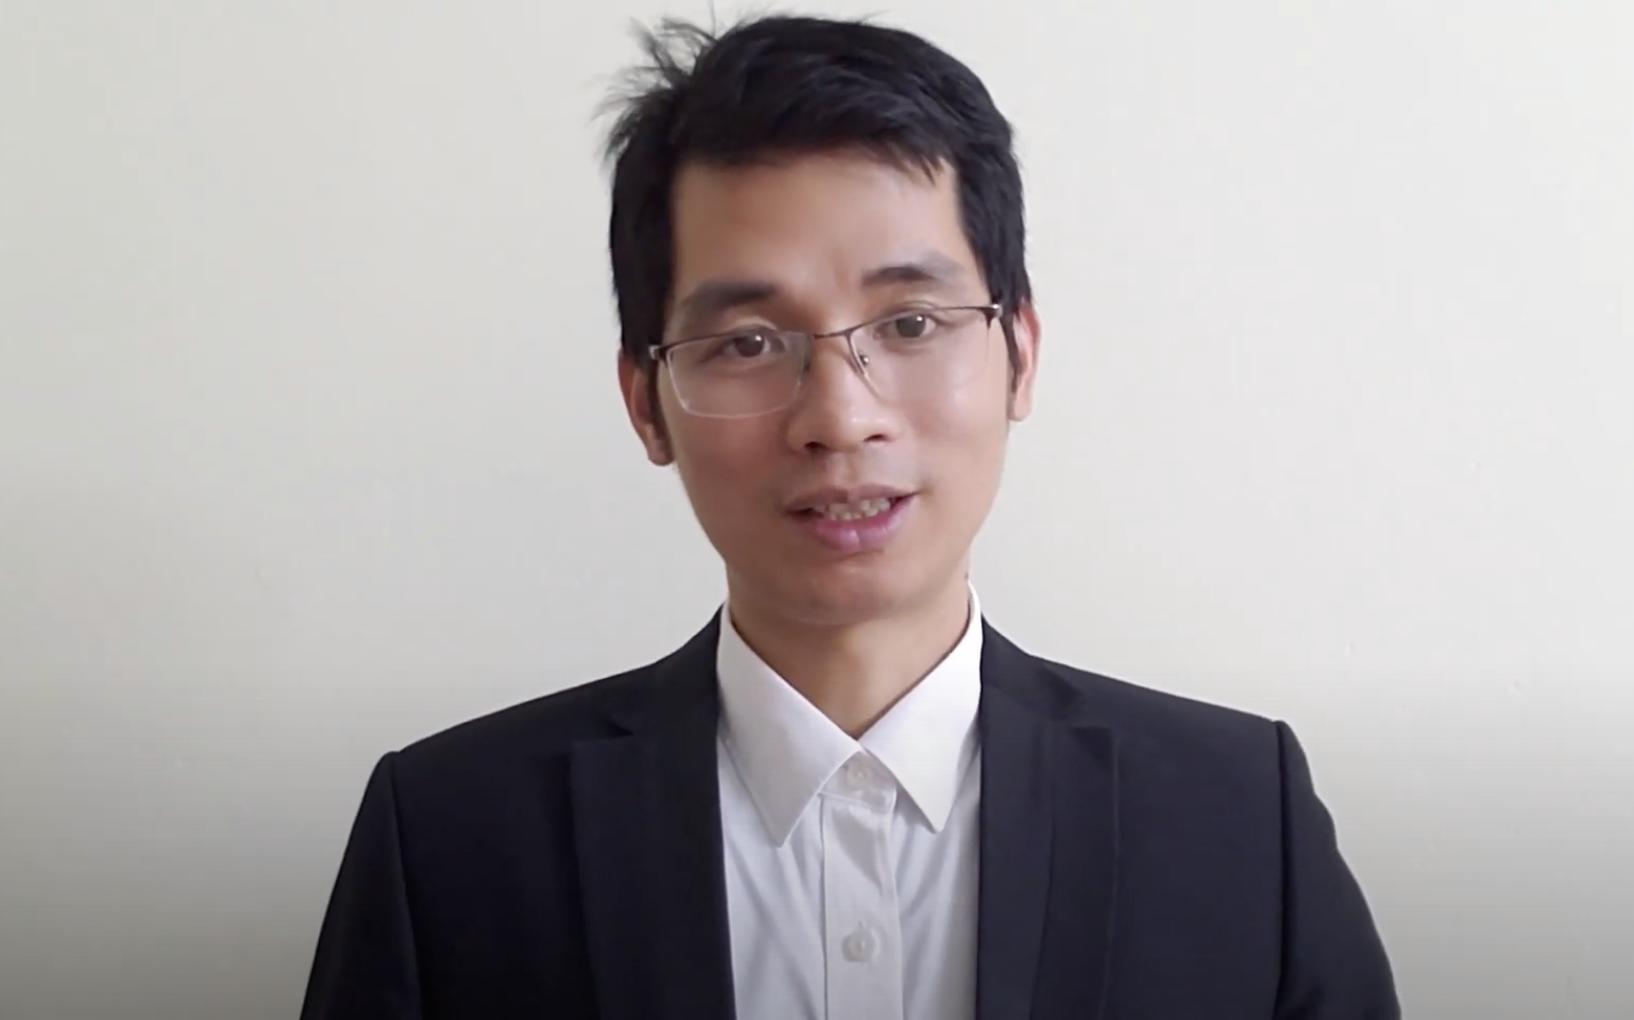 Thầy Quang Nguyen với nhiều năm kinh nghiệm dạy tiếng Anh. Ảnh: Nhân vật cung cấp.